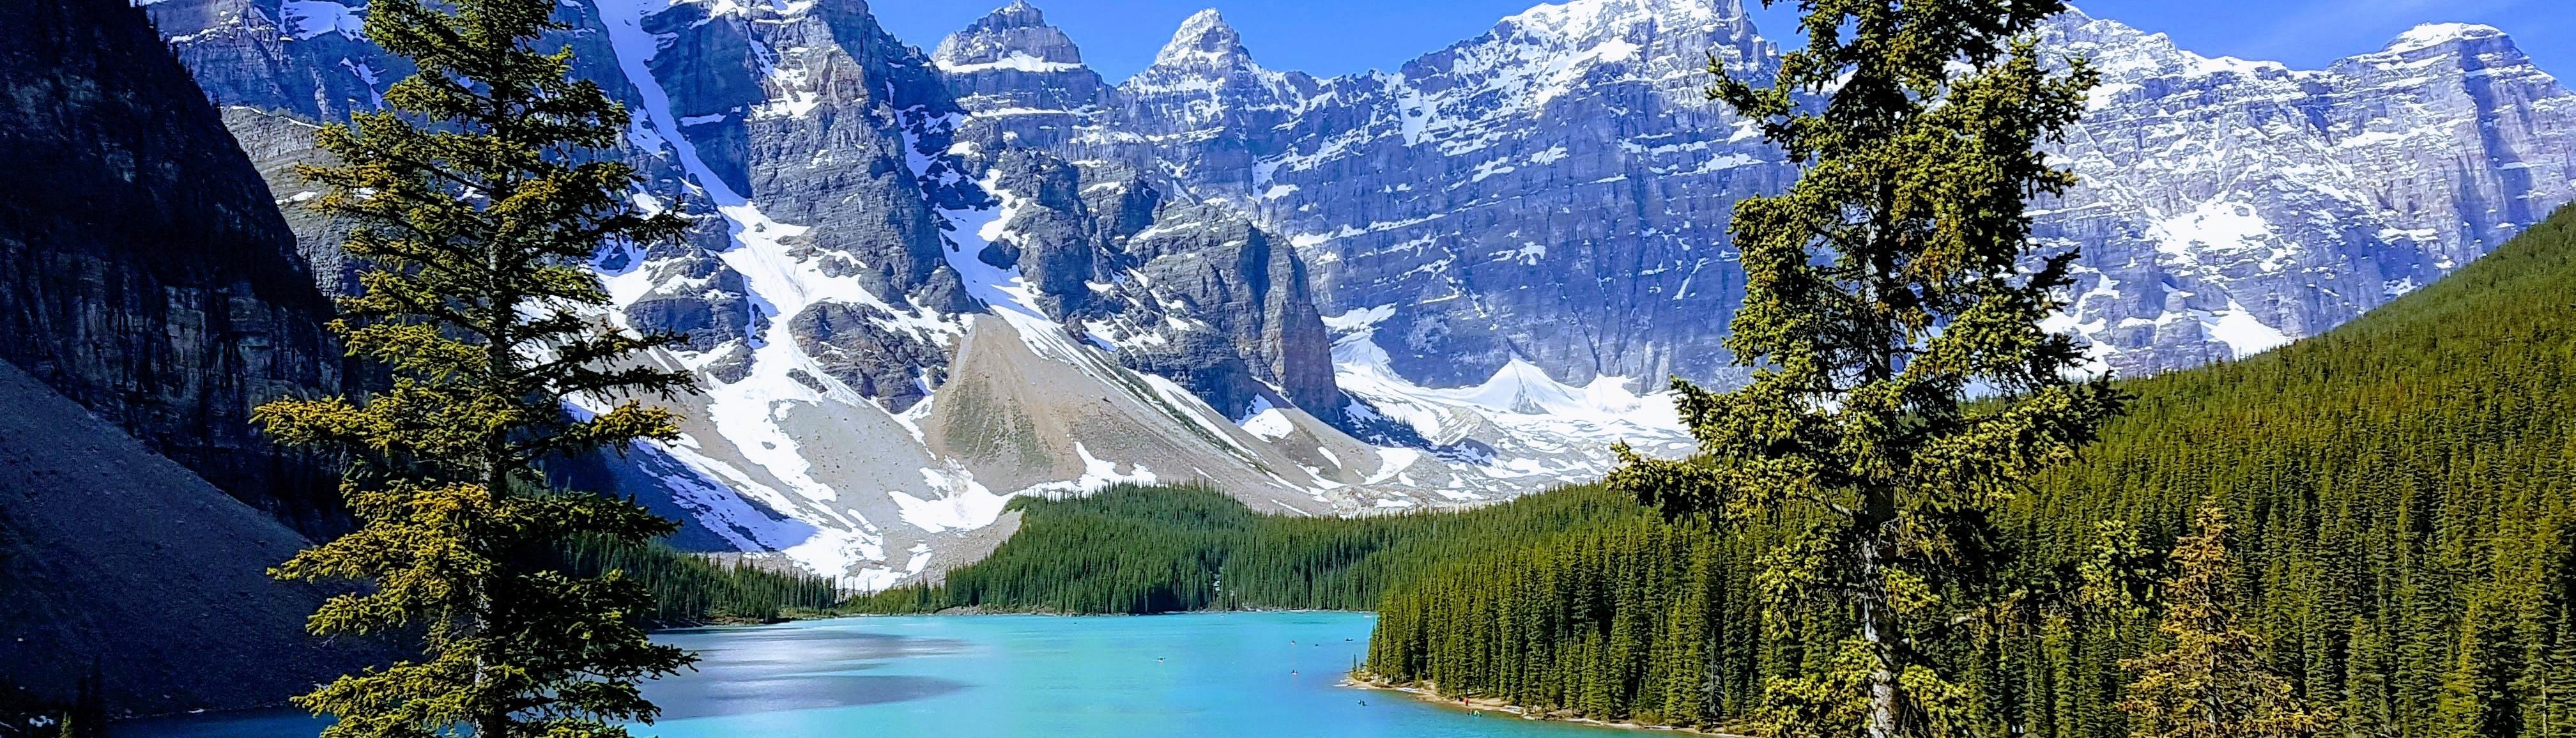 Canada, Det vilde vesten (rejse 1), 14 dages Canada rejse med dansk rejseleder på hele turen.